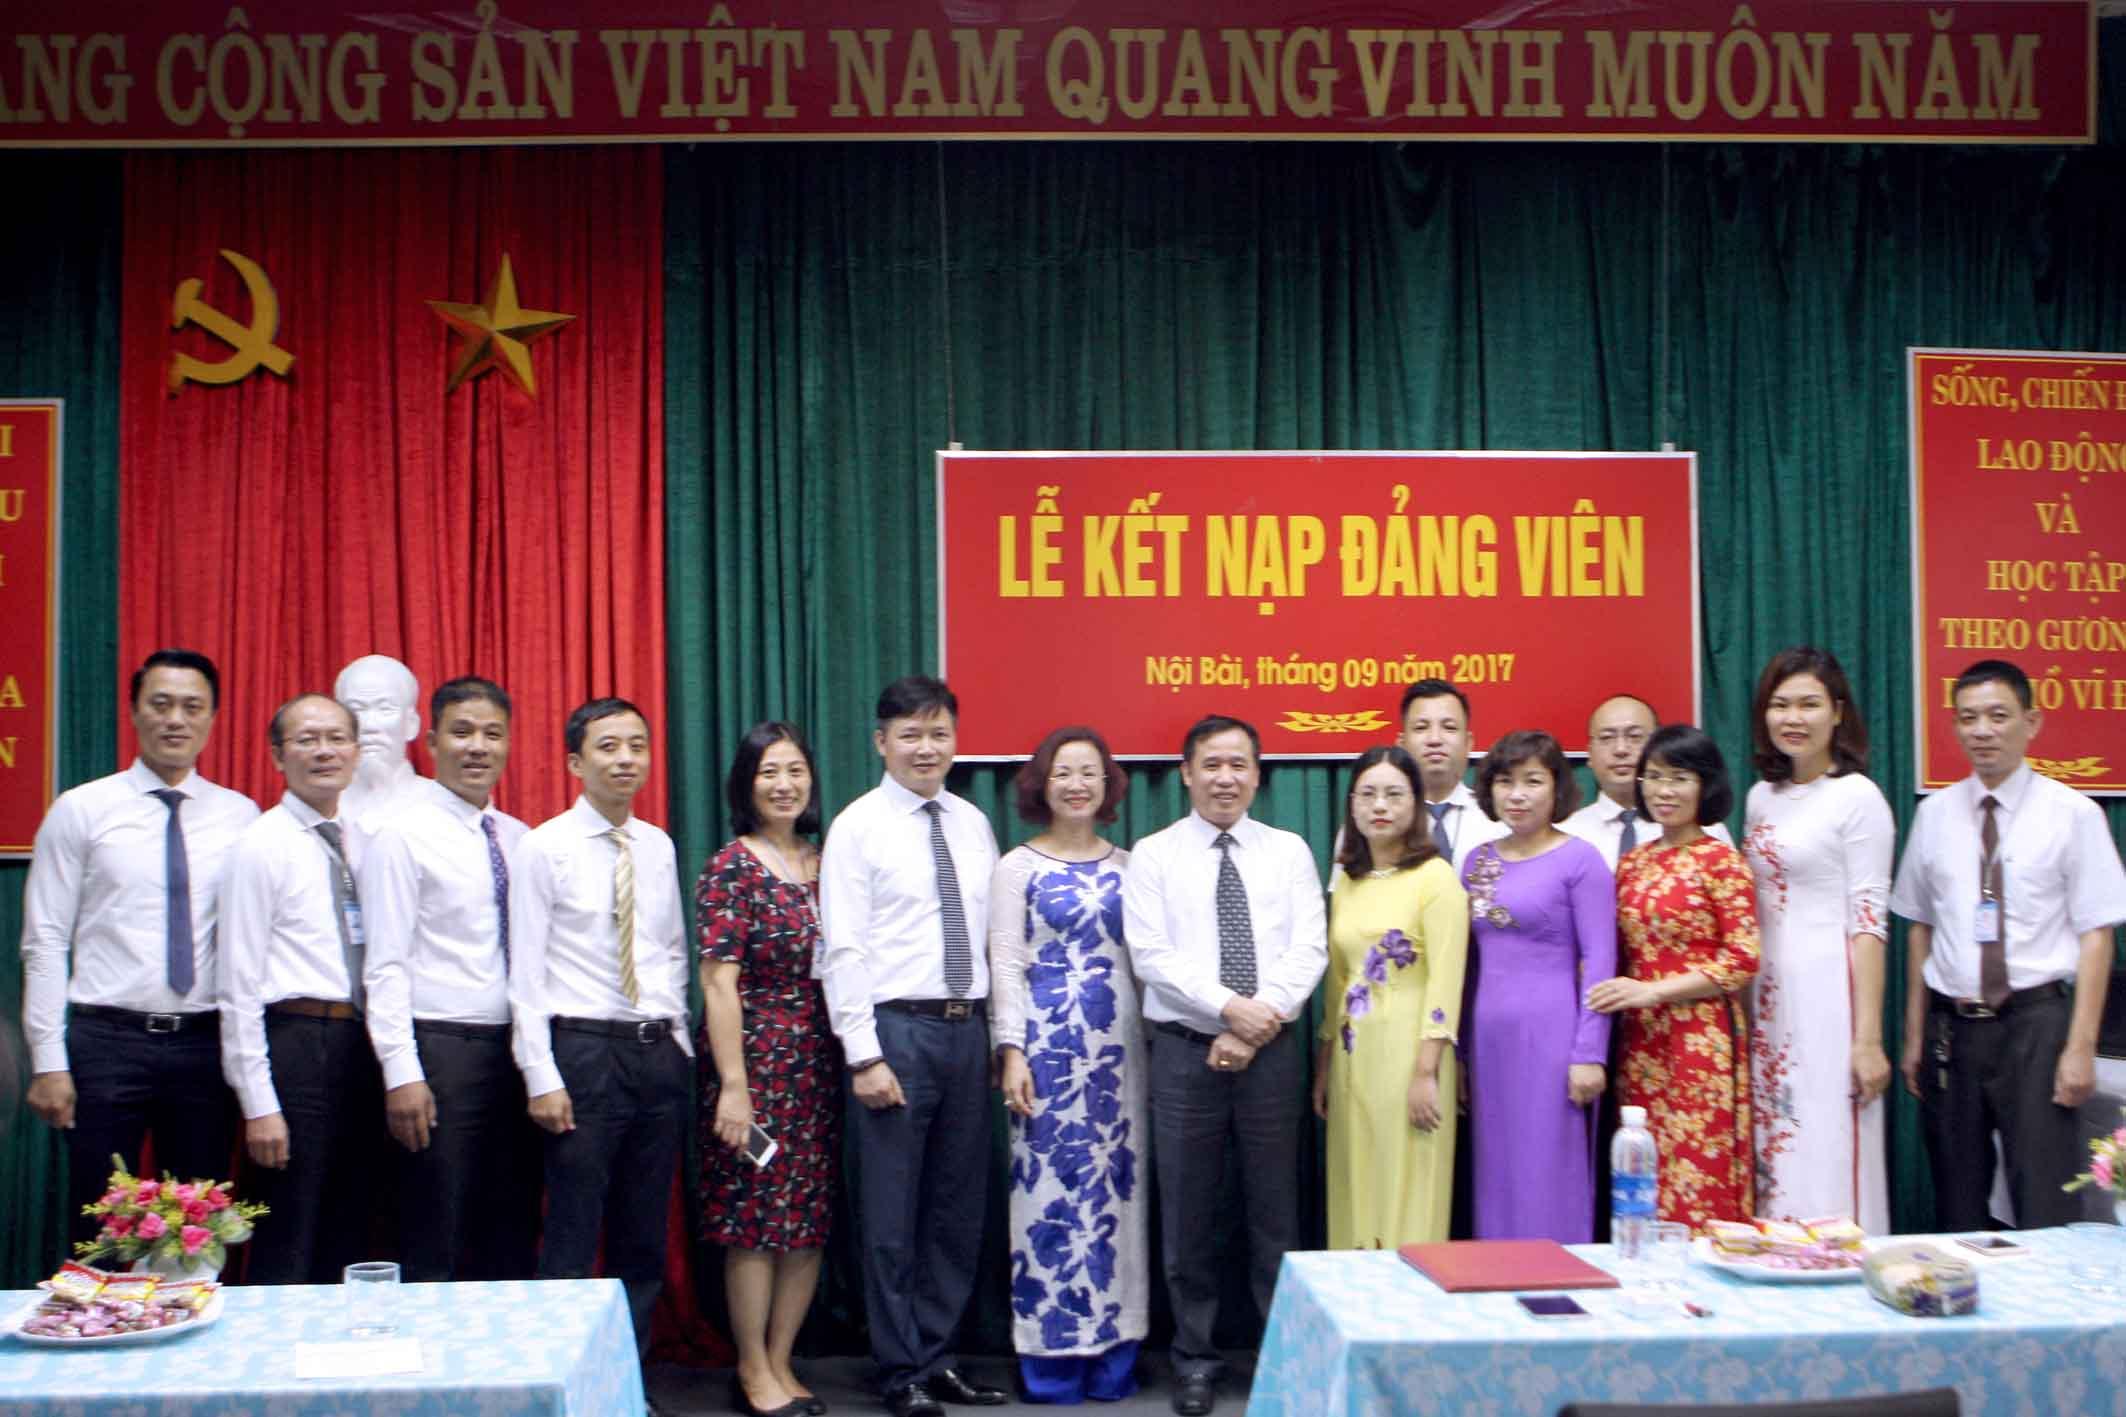 Lễ kết nạp Đảng 2017